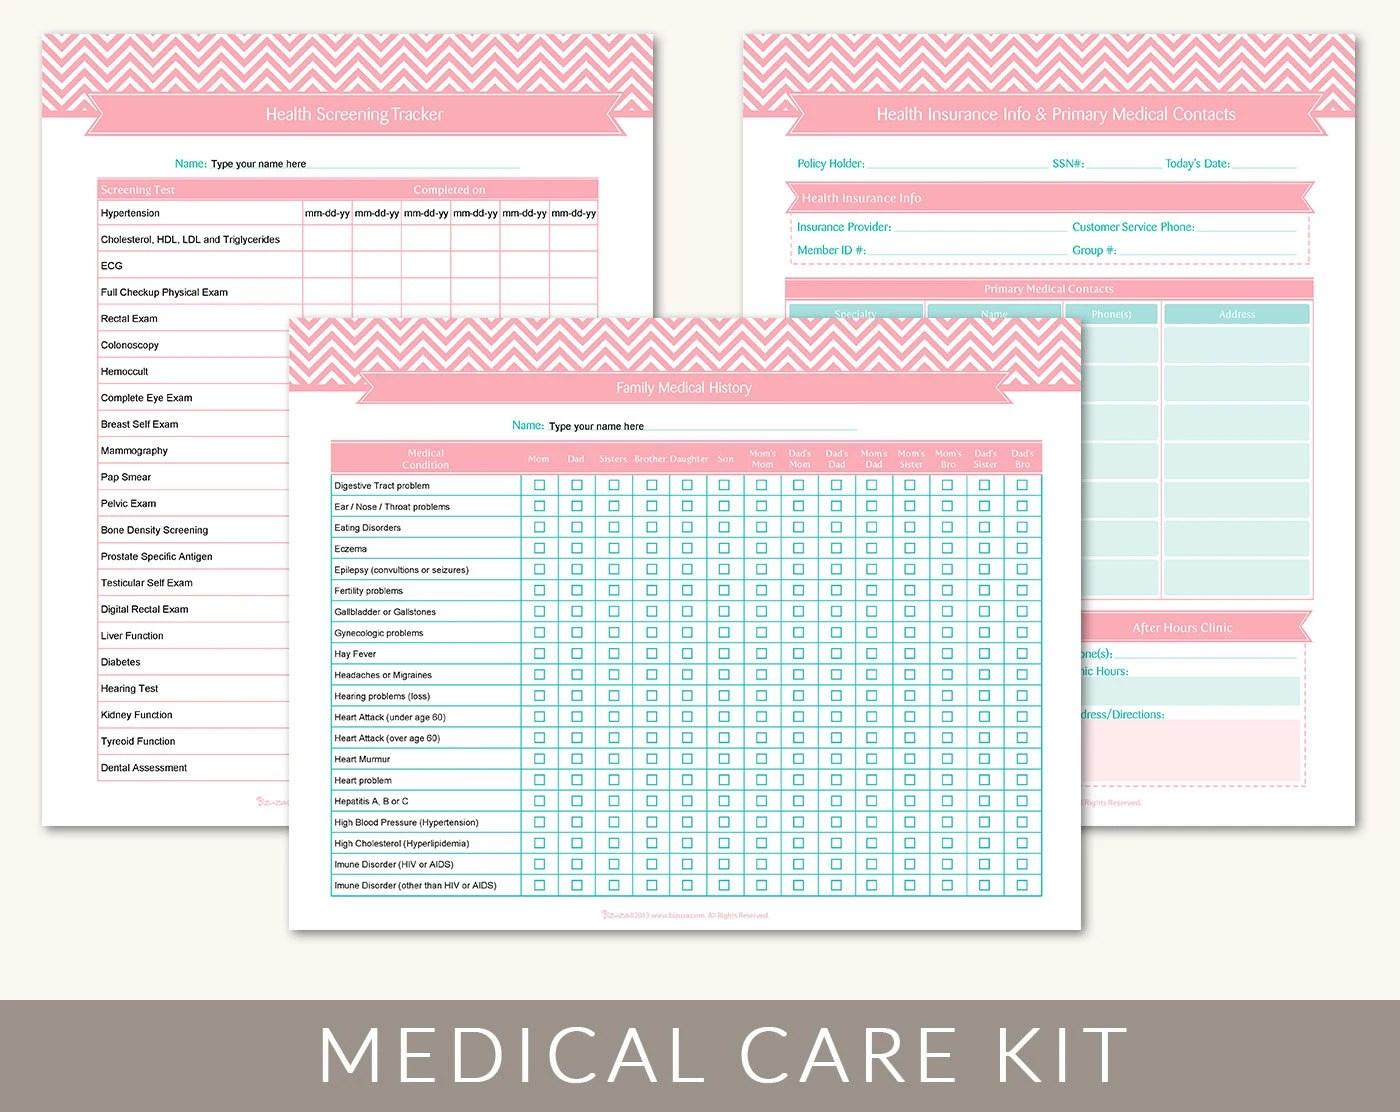 Medical Information Kit Organizing Printable Templates 9